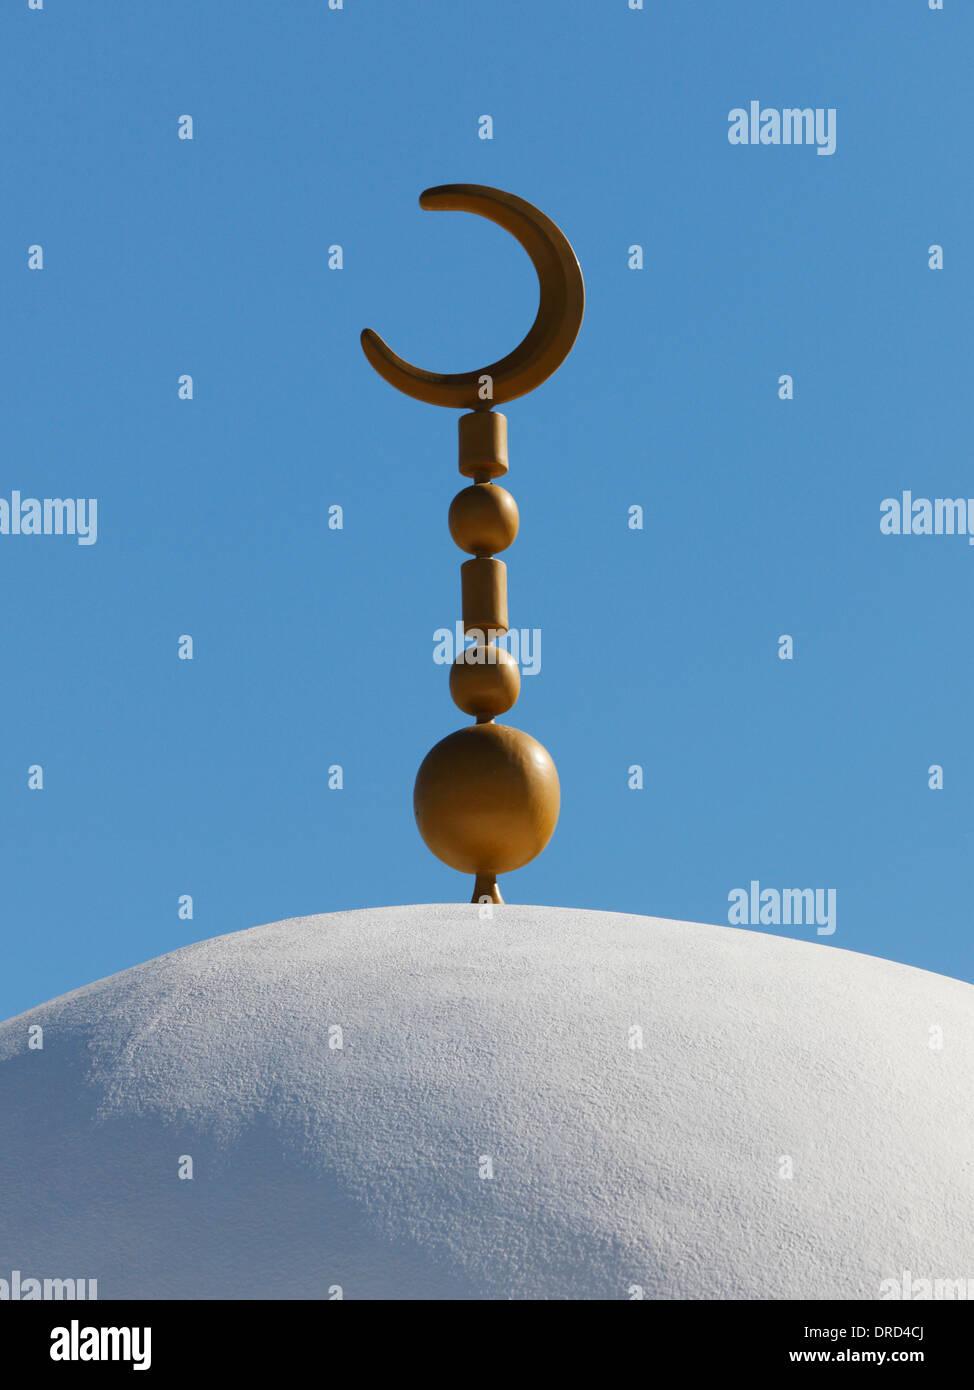 Minarett der Moschee mit Mondsichel-Symbol des Islam Stockbild